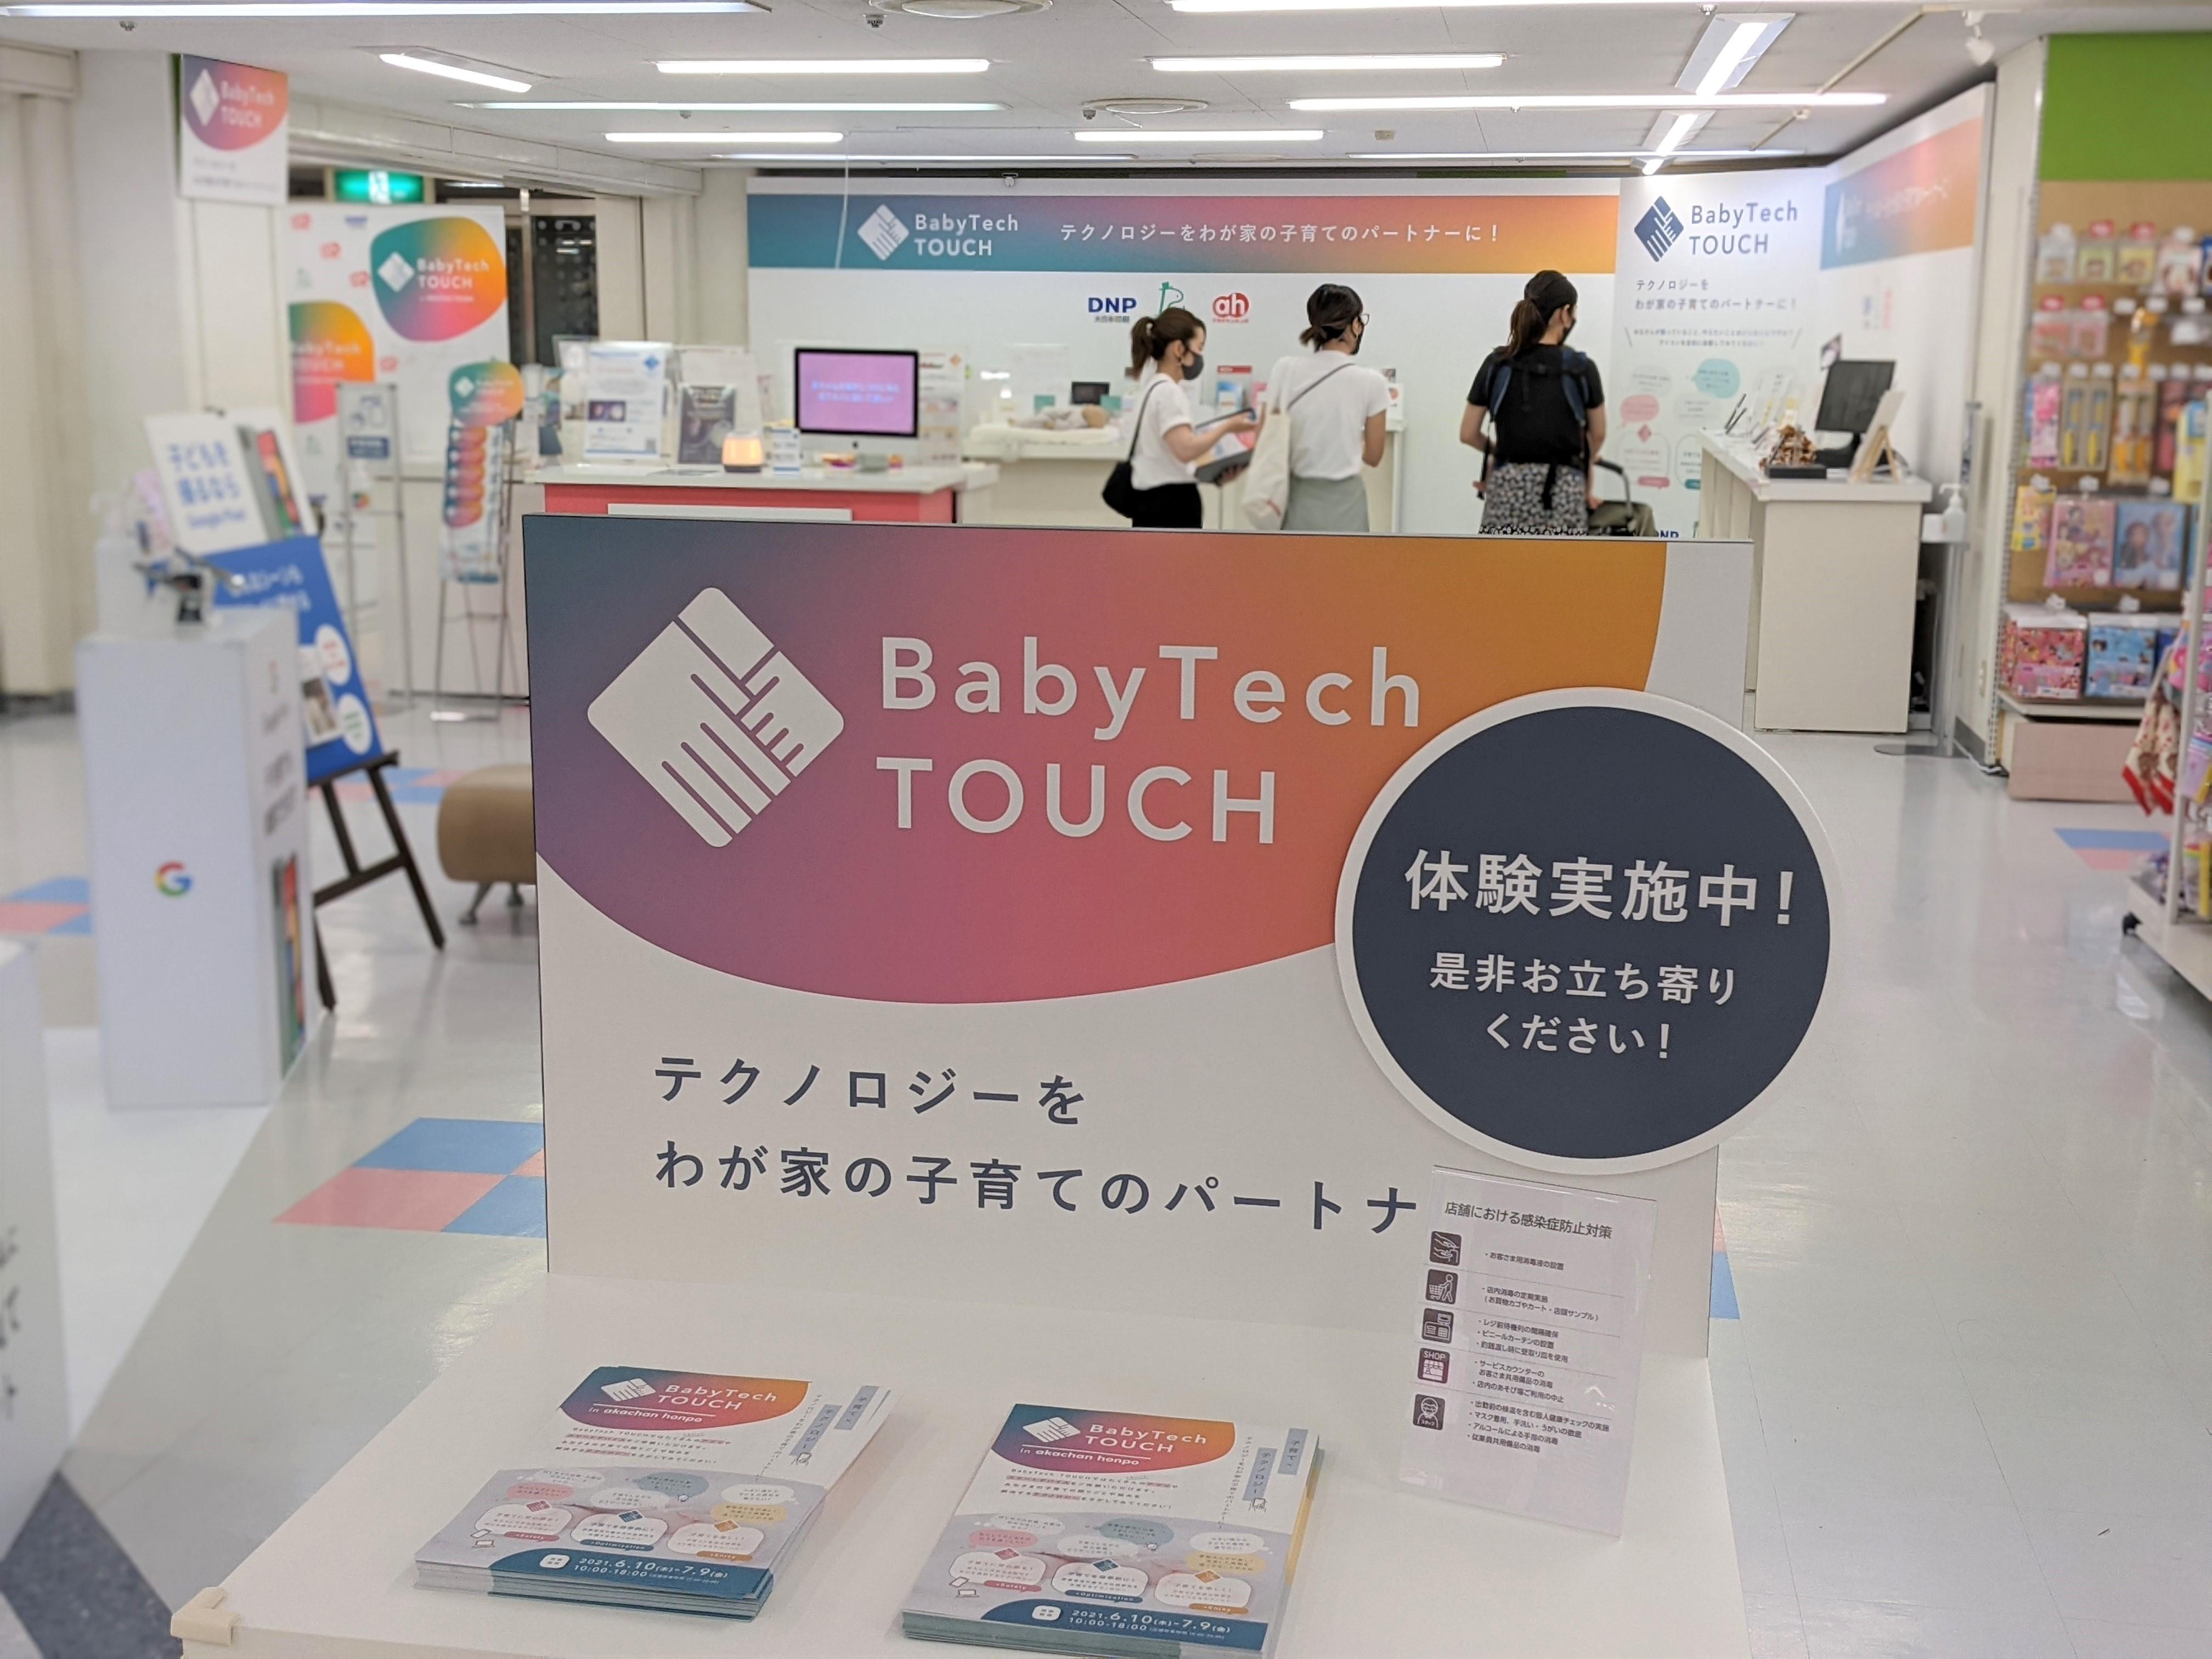 babytechtouch